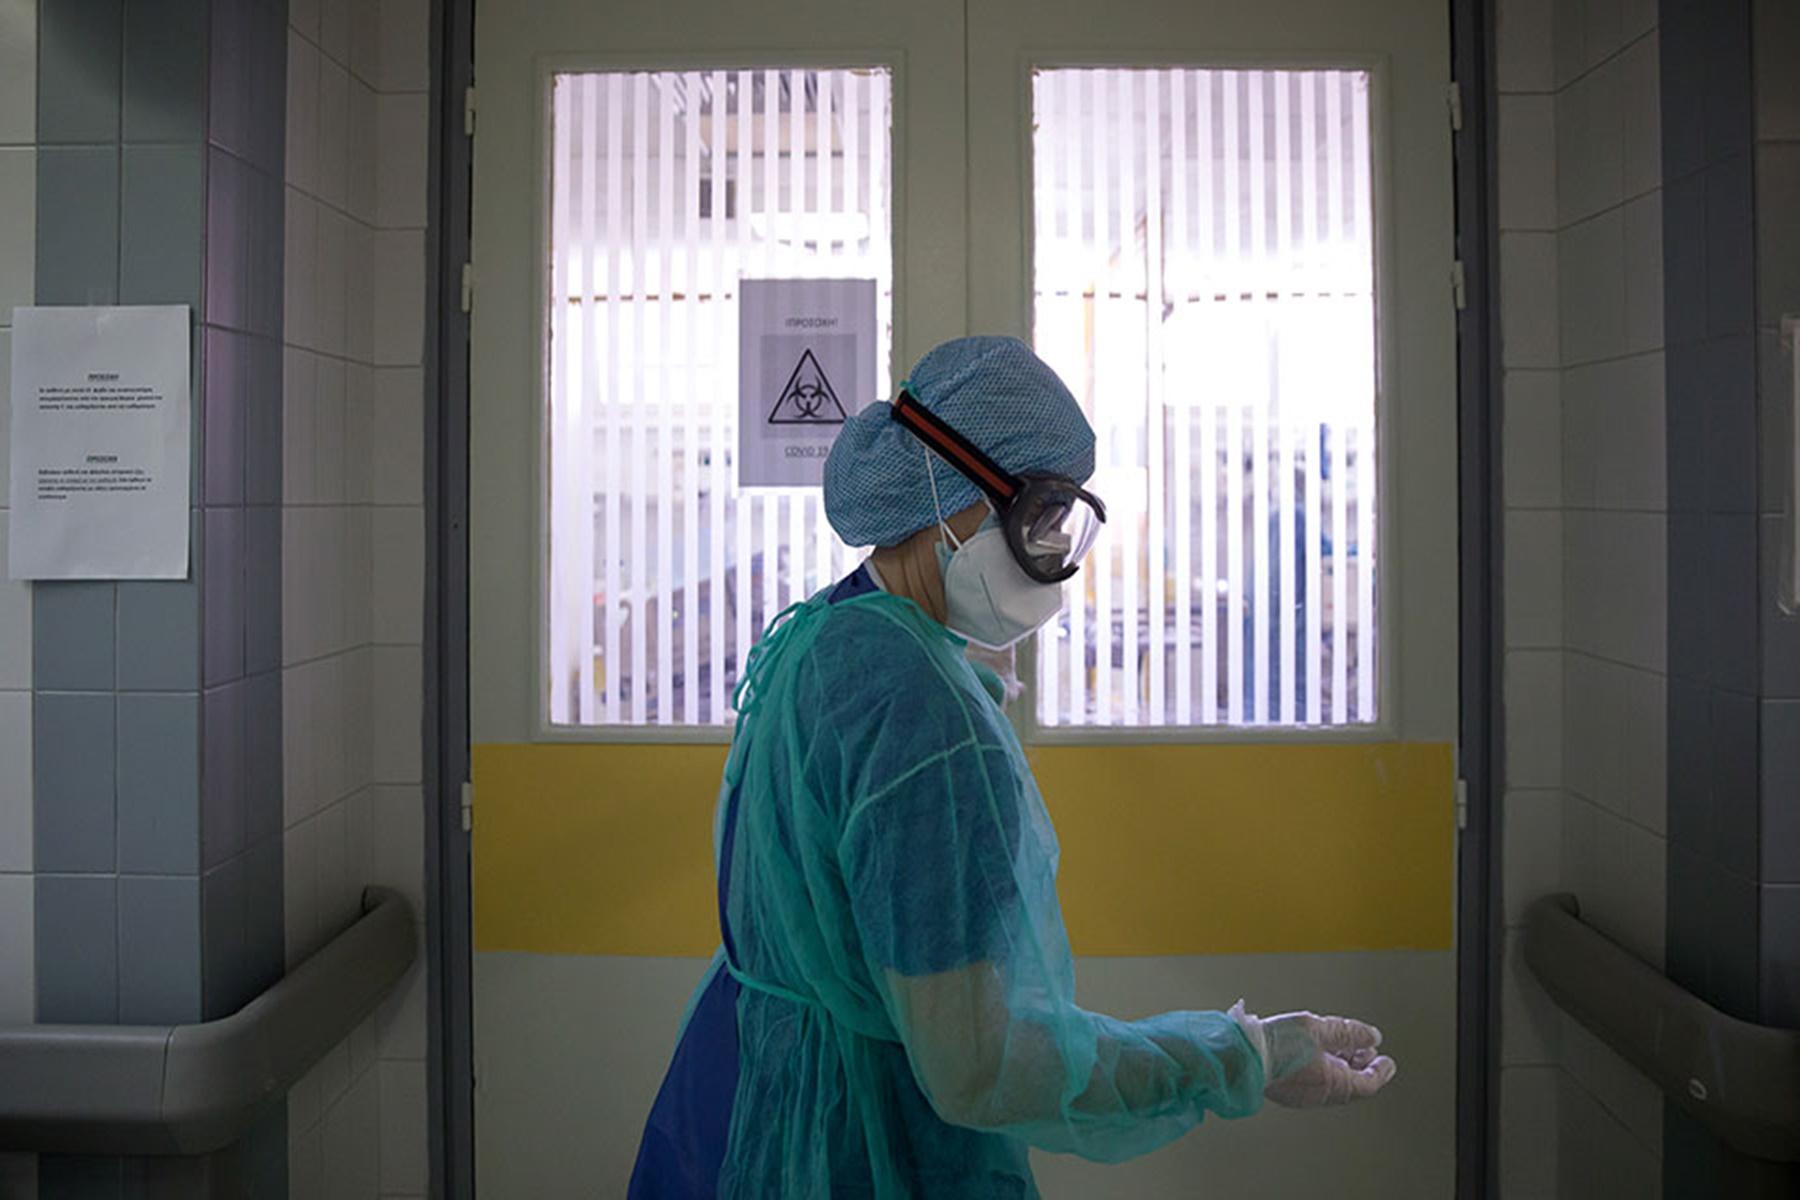 Κορωνοϊός : Παρενέργειες μπορούν να υπάρχουν έως και 12 μήνες μετά την νόσηση